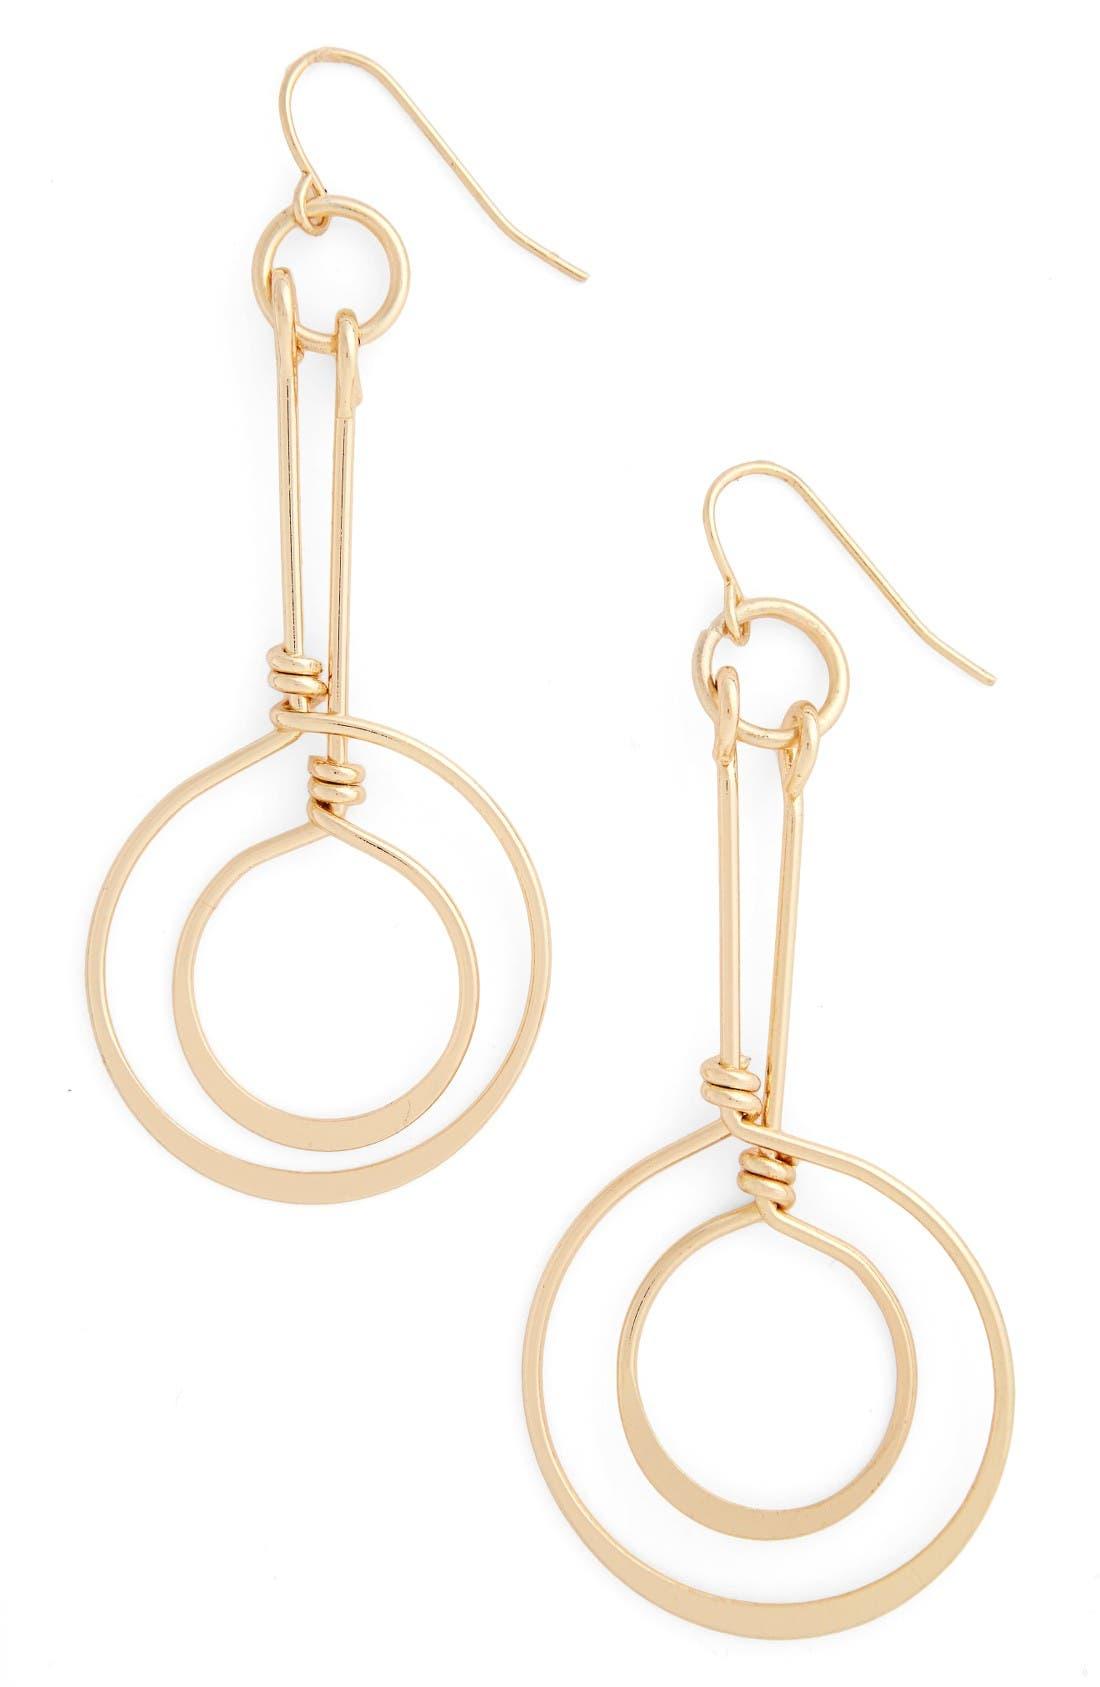 Natasha Couture Double Circle Earrings